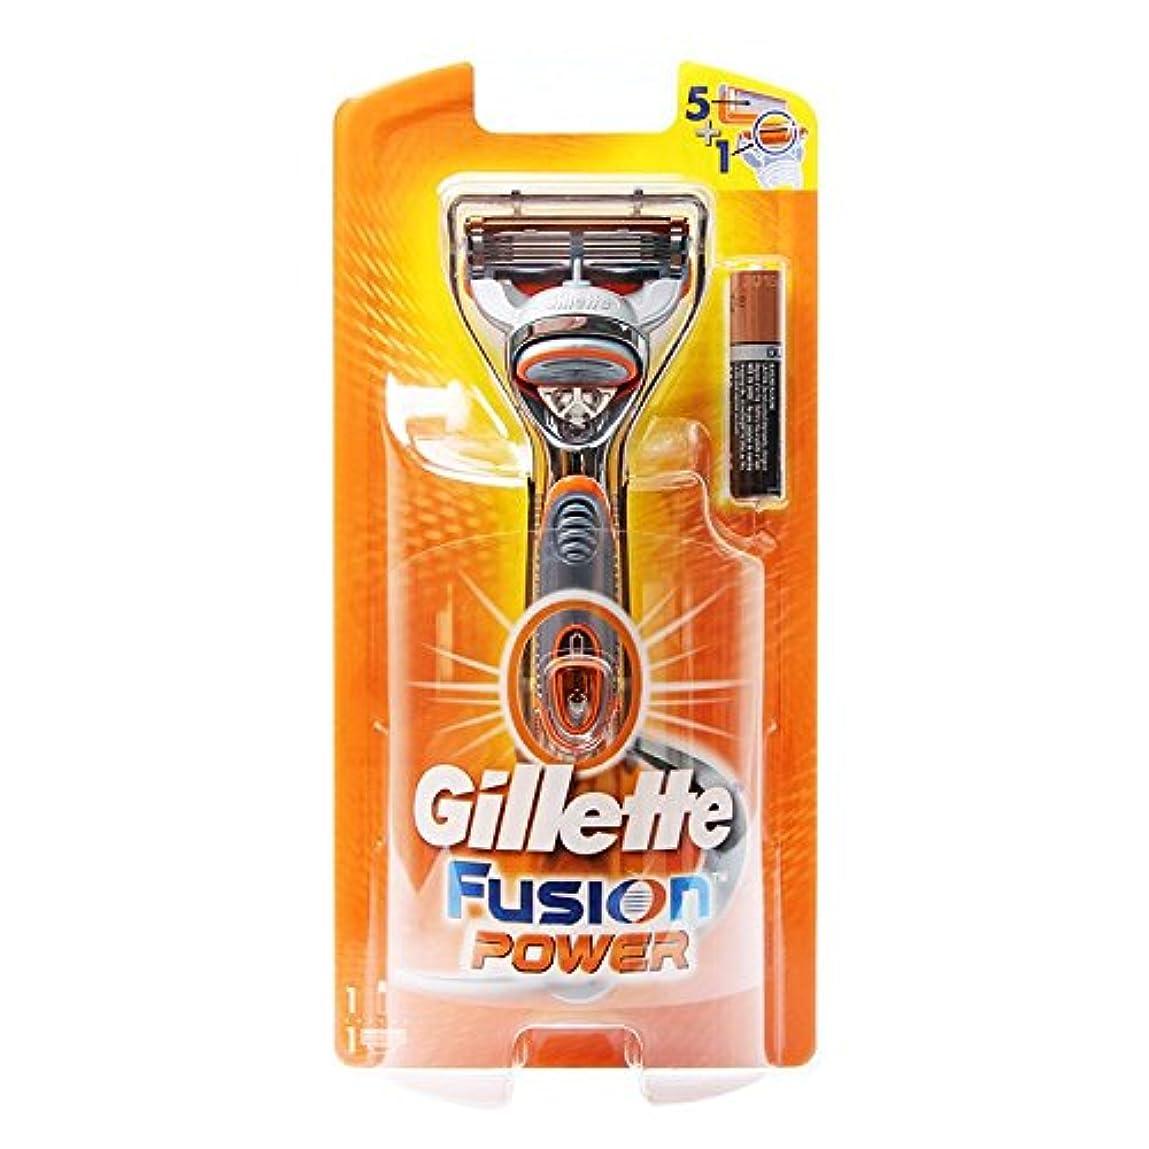 トピックさせるトランジスタGillette Fusion power 1 かみそり [並行輸入品]